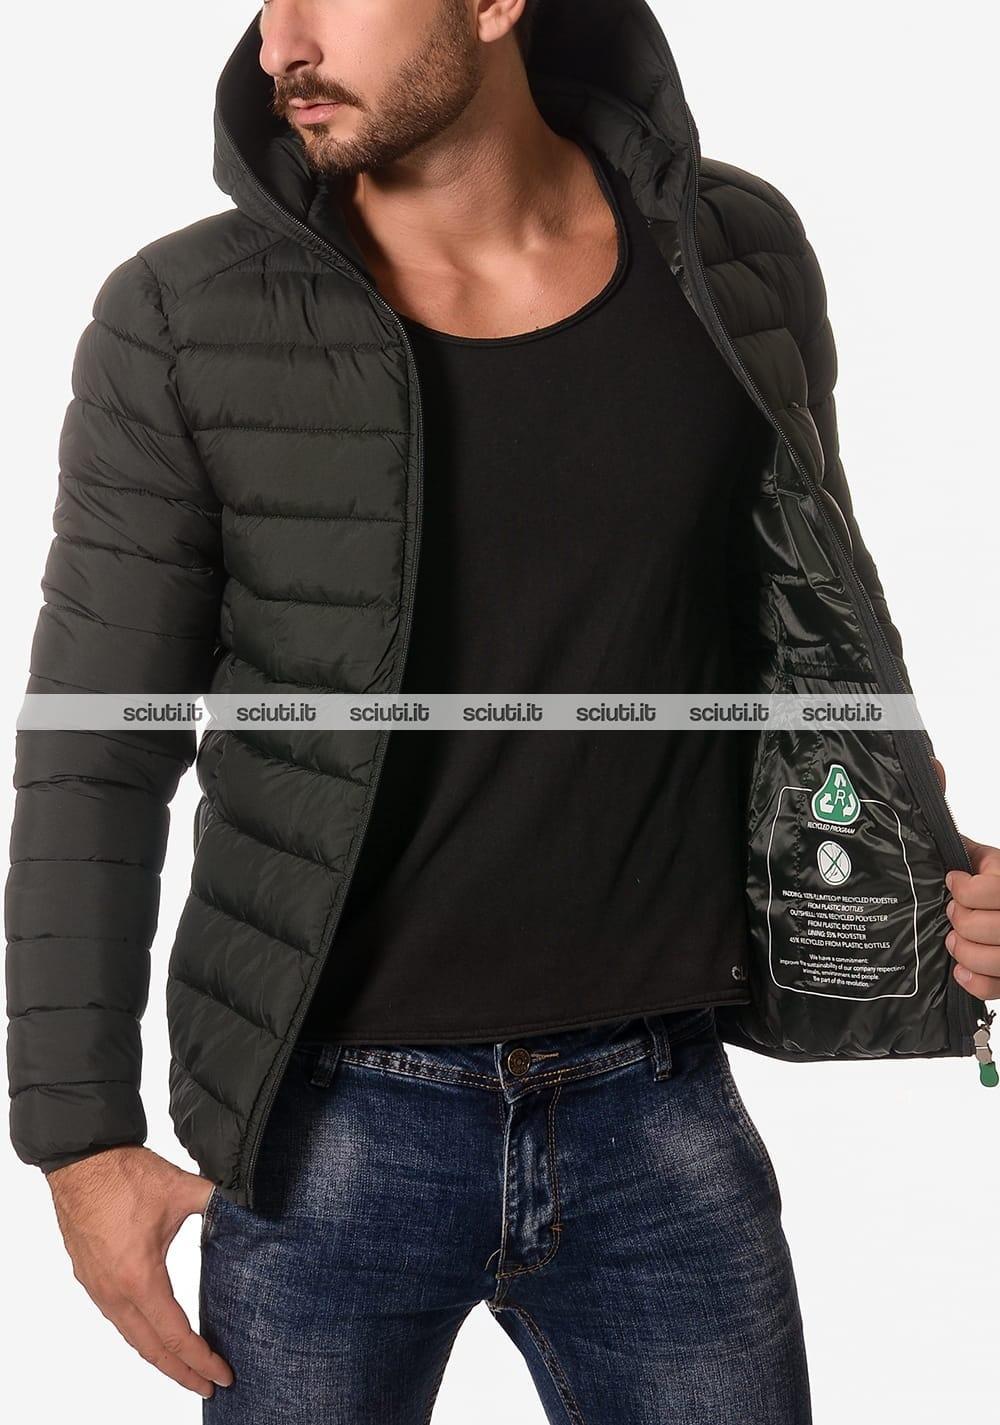 on sale e14d7 f9375 Piumino Save the duck uomo Recycled con cappuccio nero ...